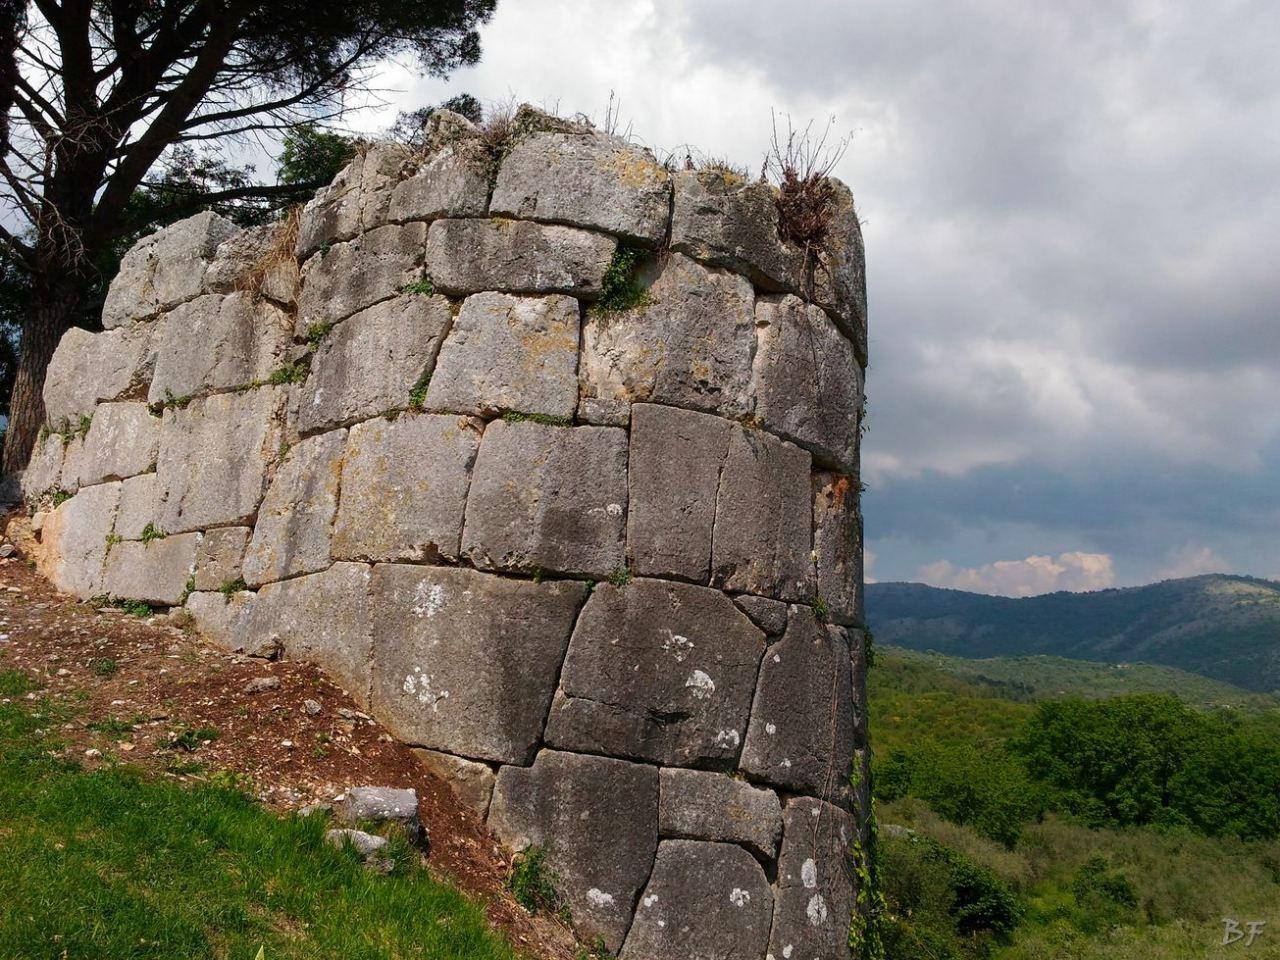 Norba-Mura-Megalitiche-Poligonali-Latina-Lazio-Italia-7